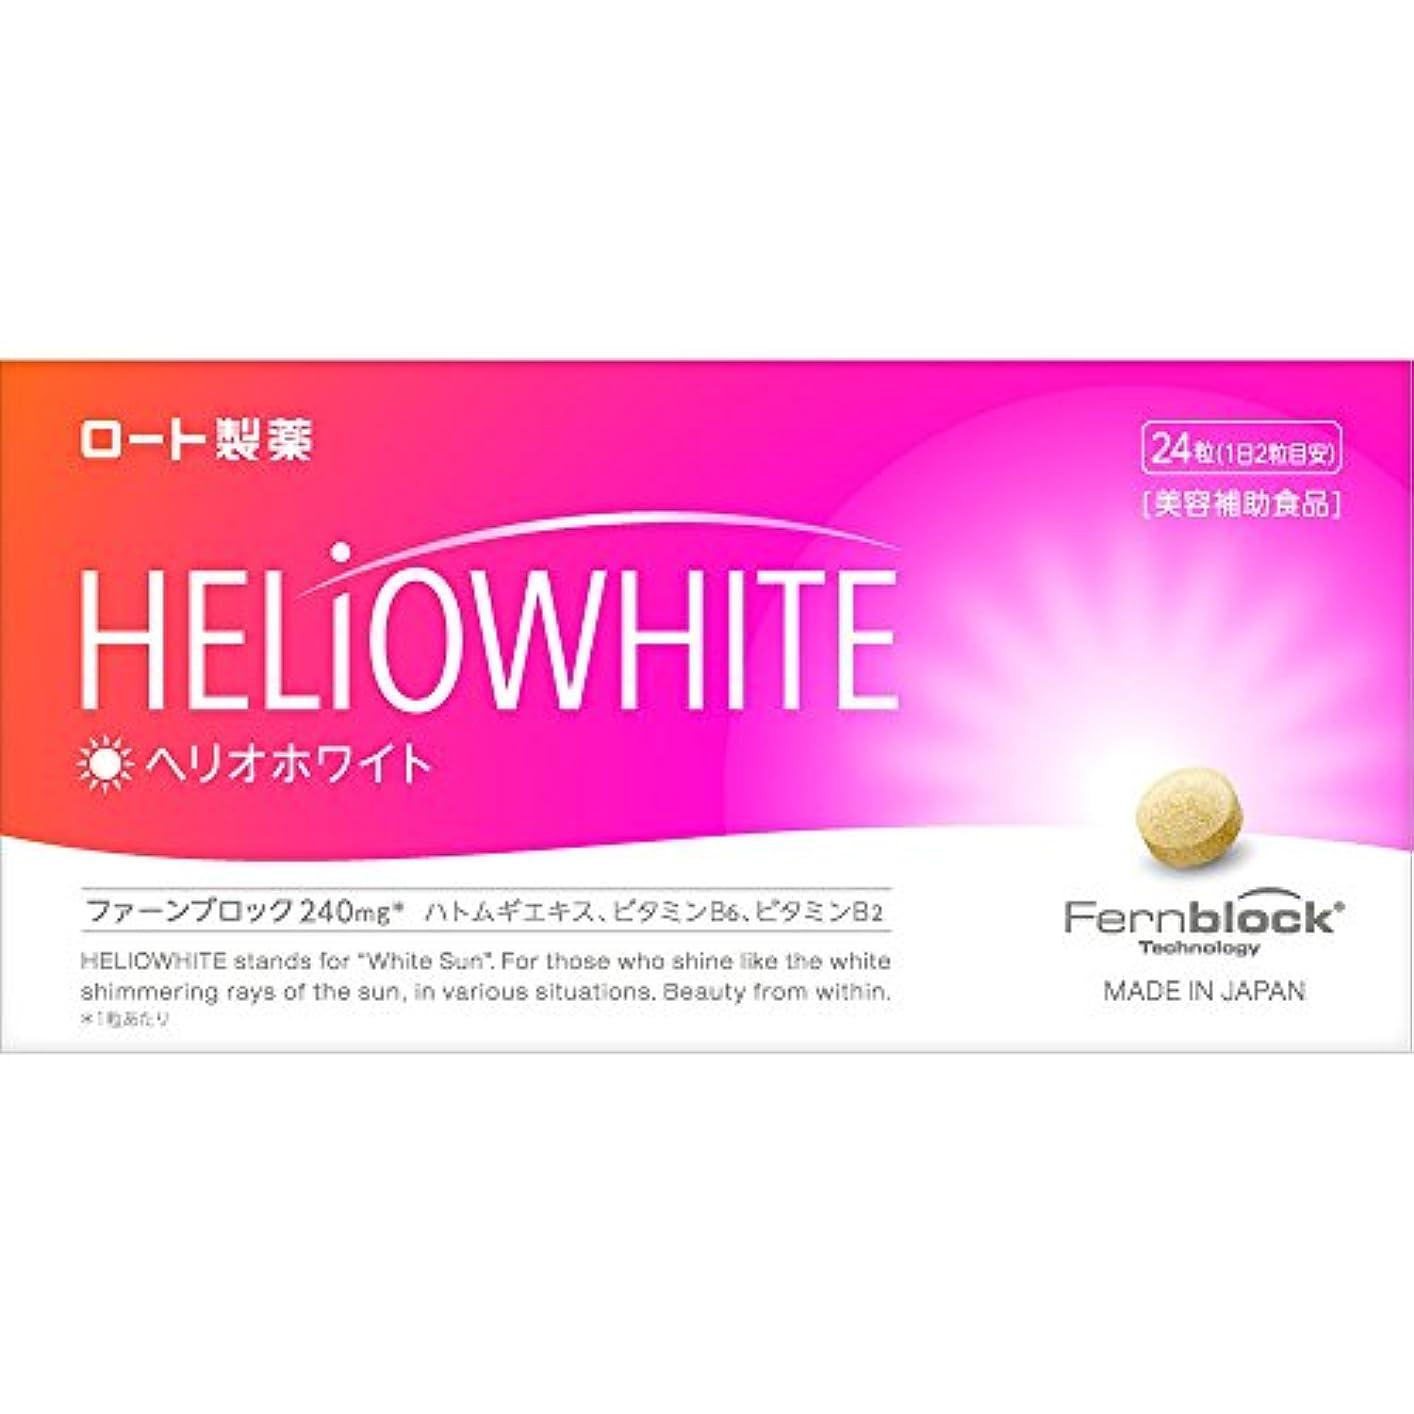 高度慈悲締め切りロート製薬 ヘリオホワイト 24粒 シダ植物抽出成分 ファーンブロック Fernblock 240mg 配合 美容補助食品